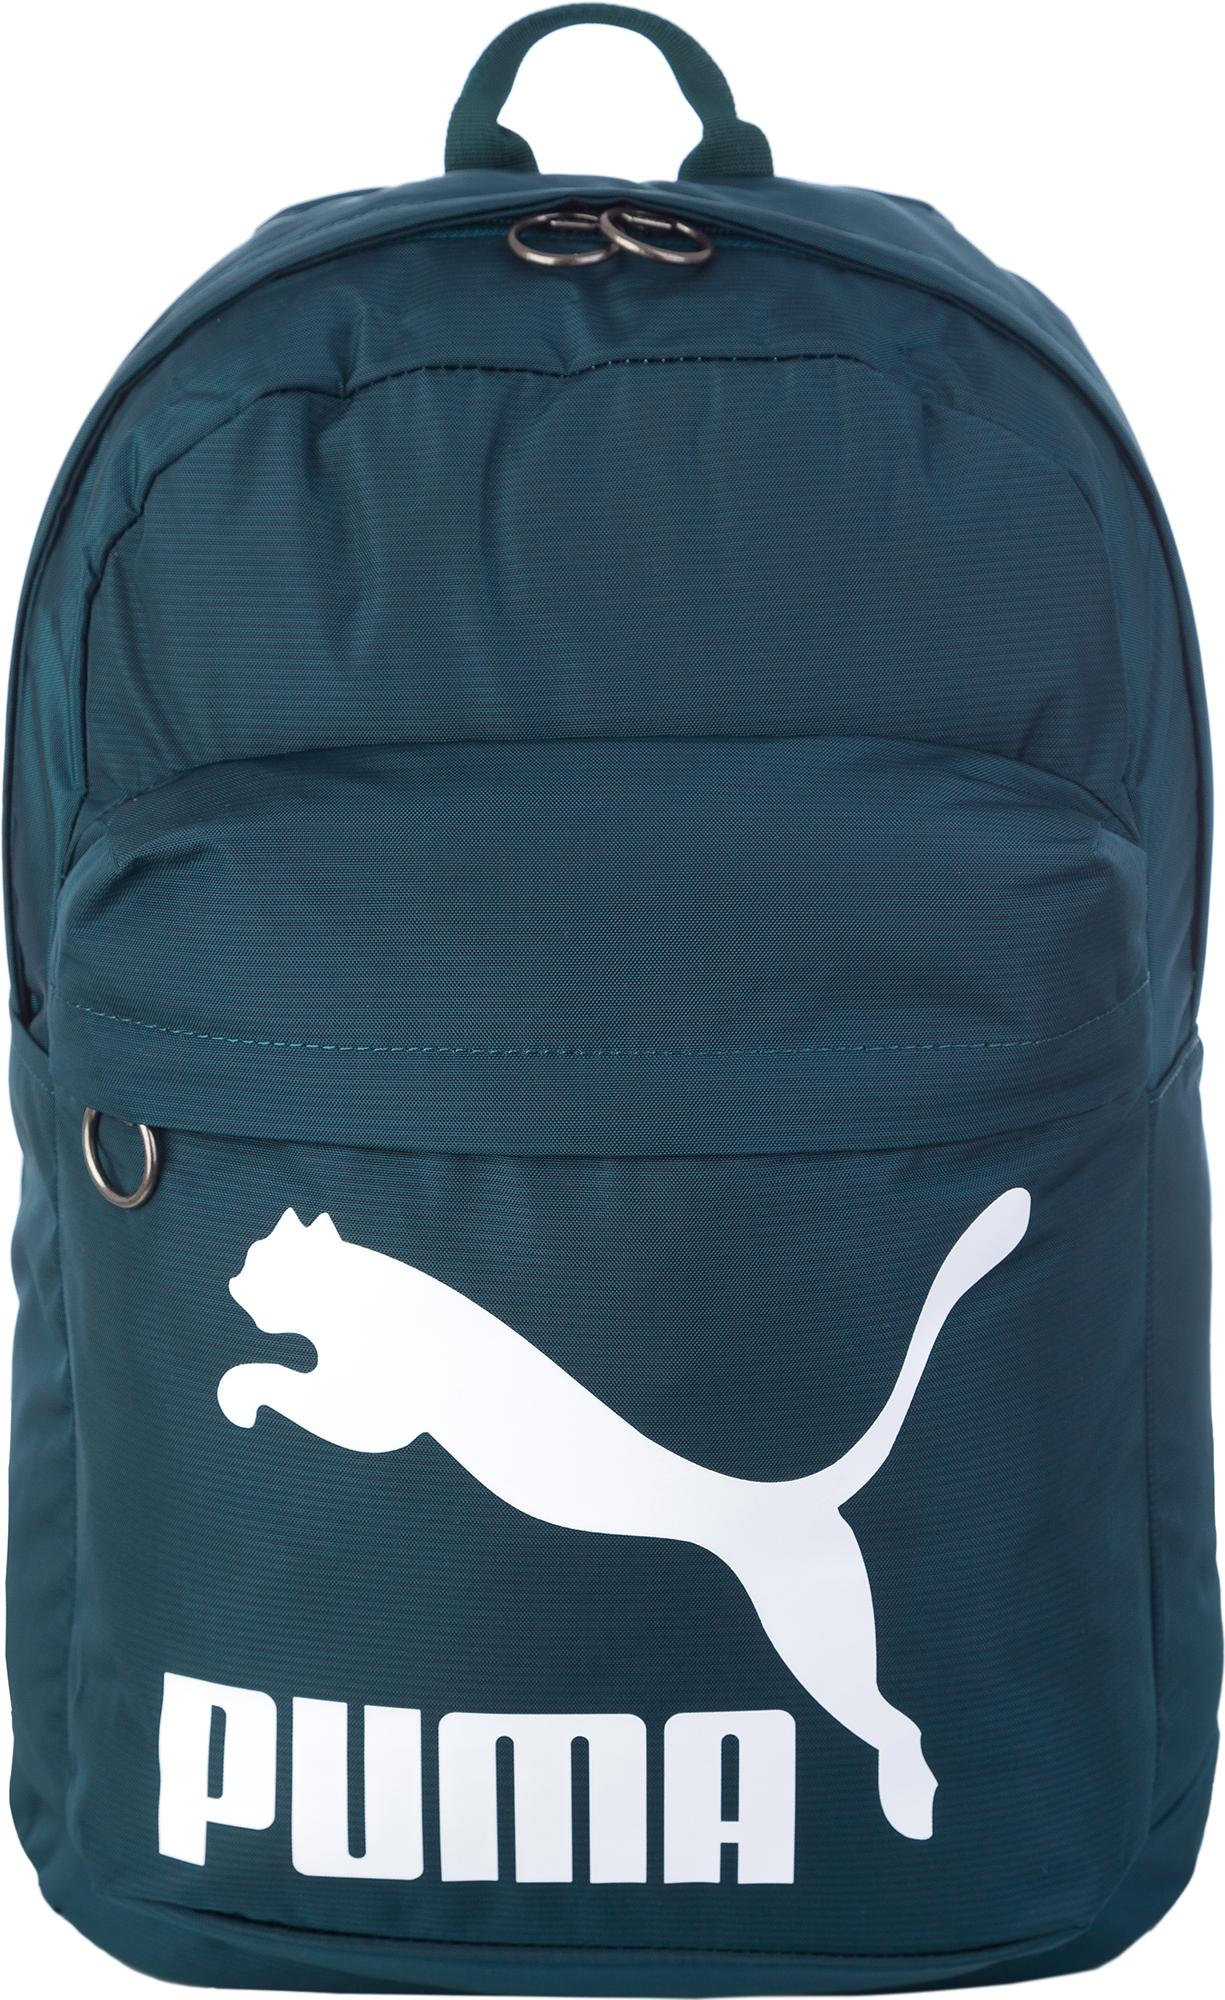 Puma Рюкзак Puma Originals цена